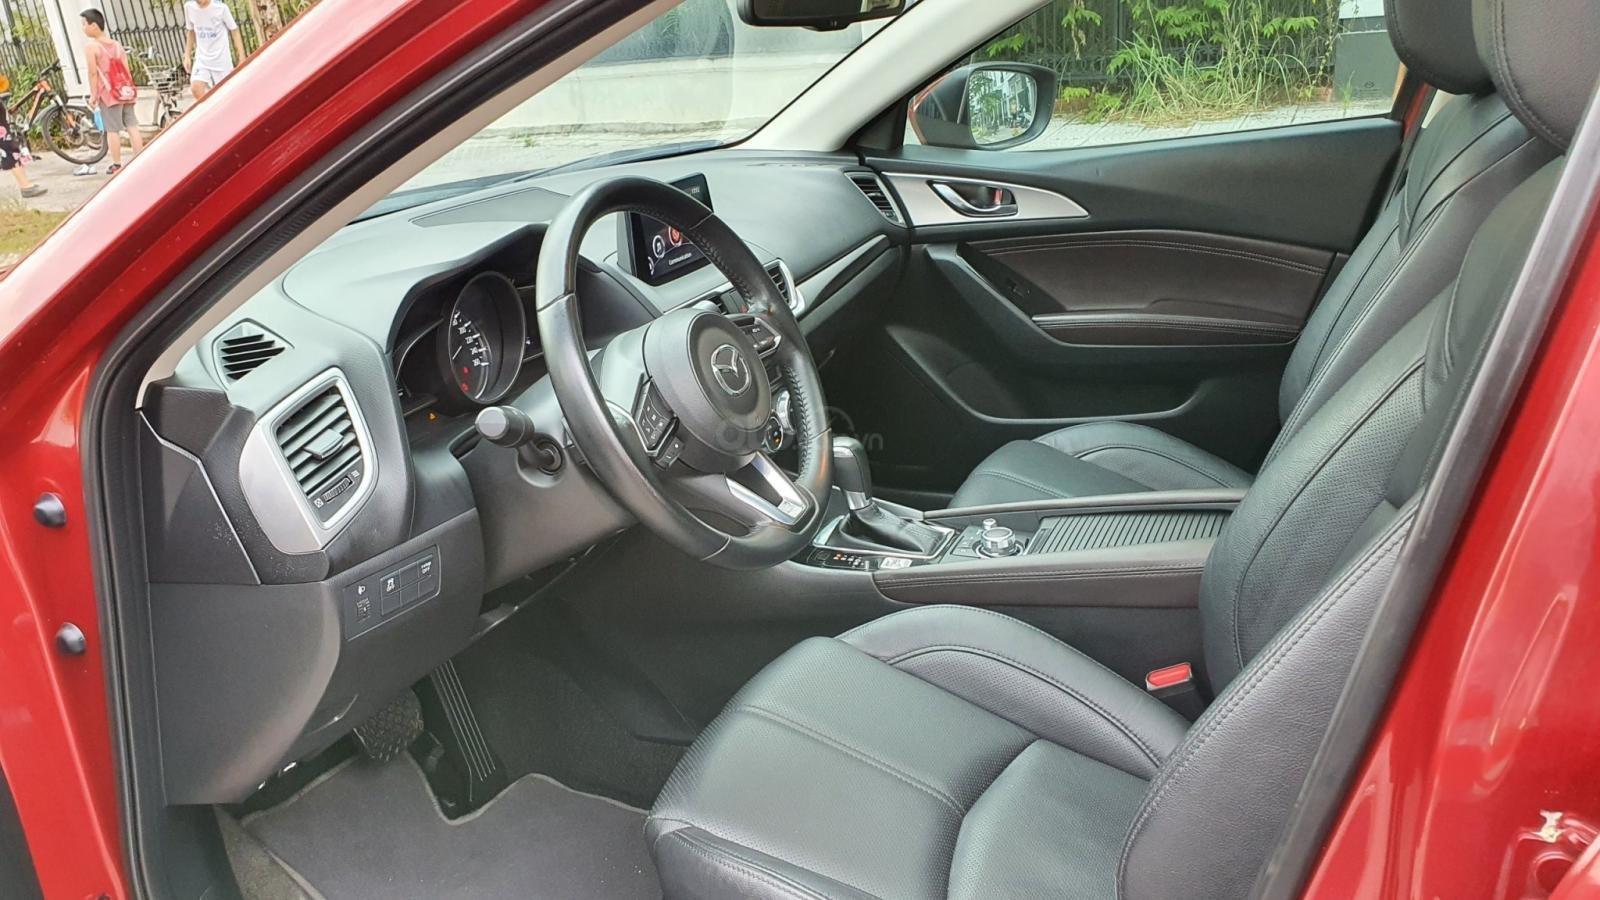 Cần bán xe Mazda 3 FL sản xuất năm 2017 (7)